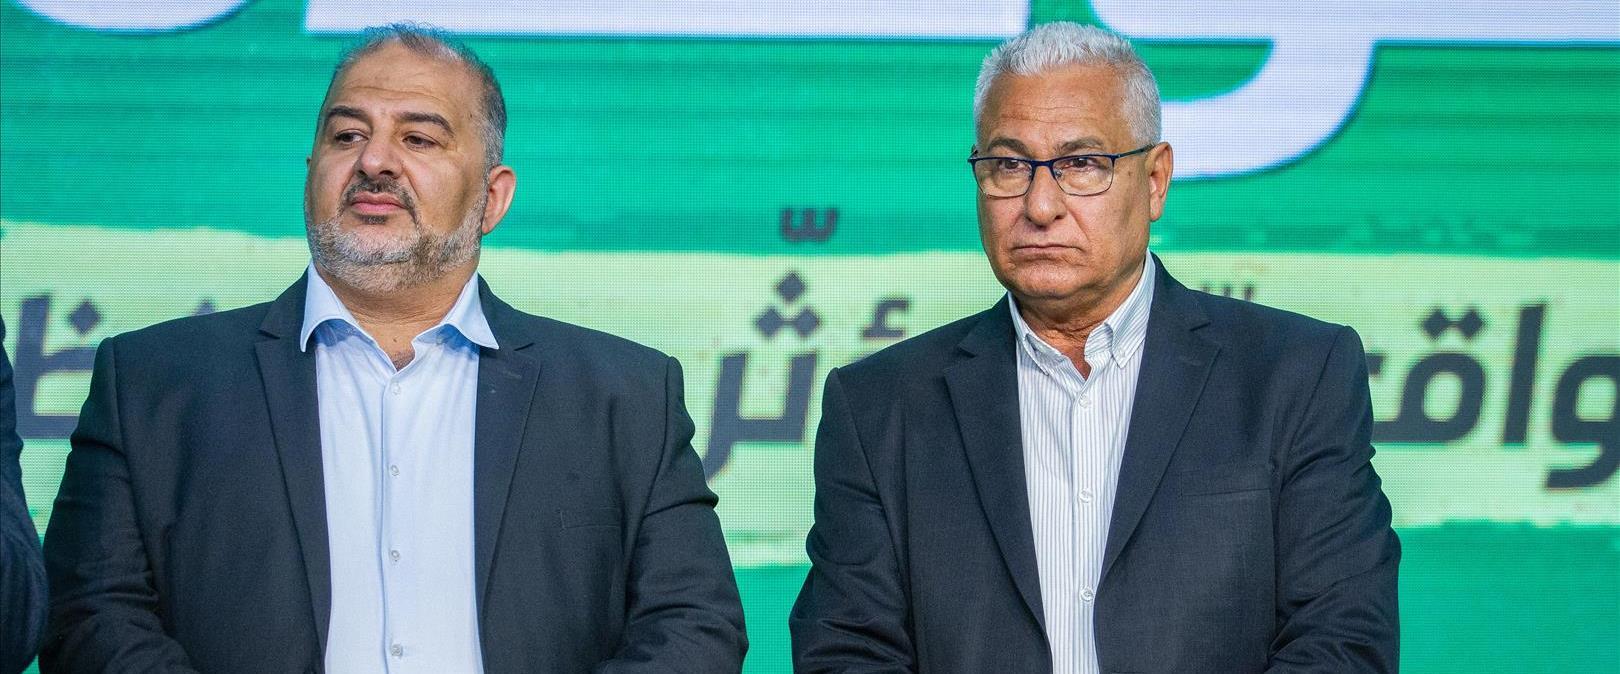 מנסור עבאס וחבר מפלגתו